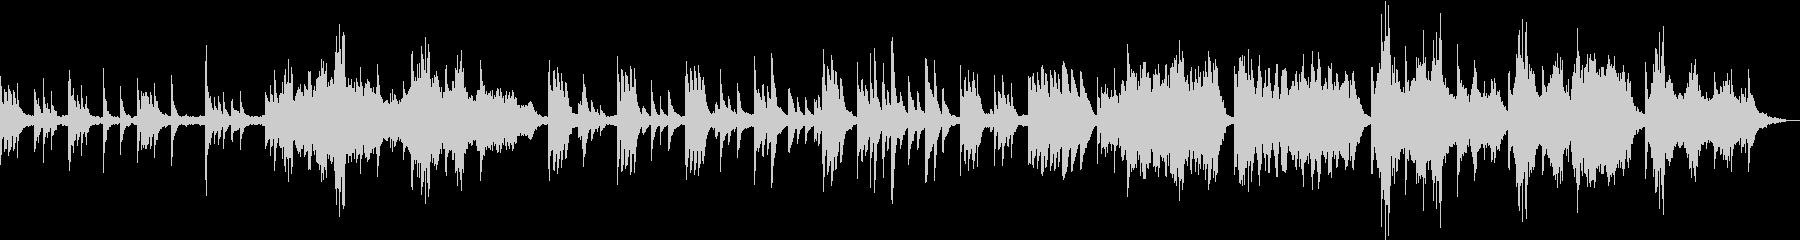 神秘的な雰囲気のケルトハープの曲の未再生の波形